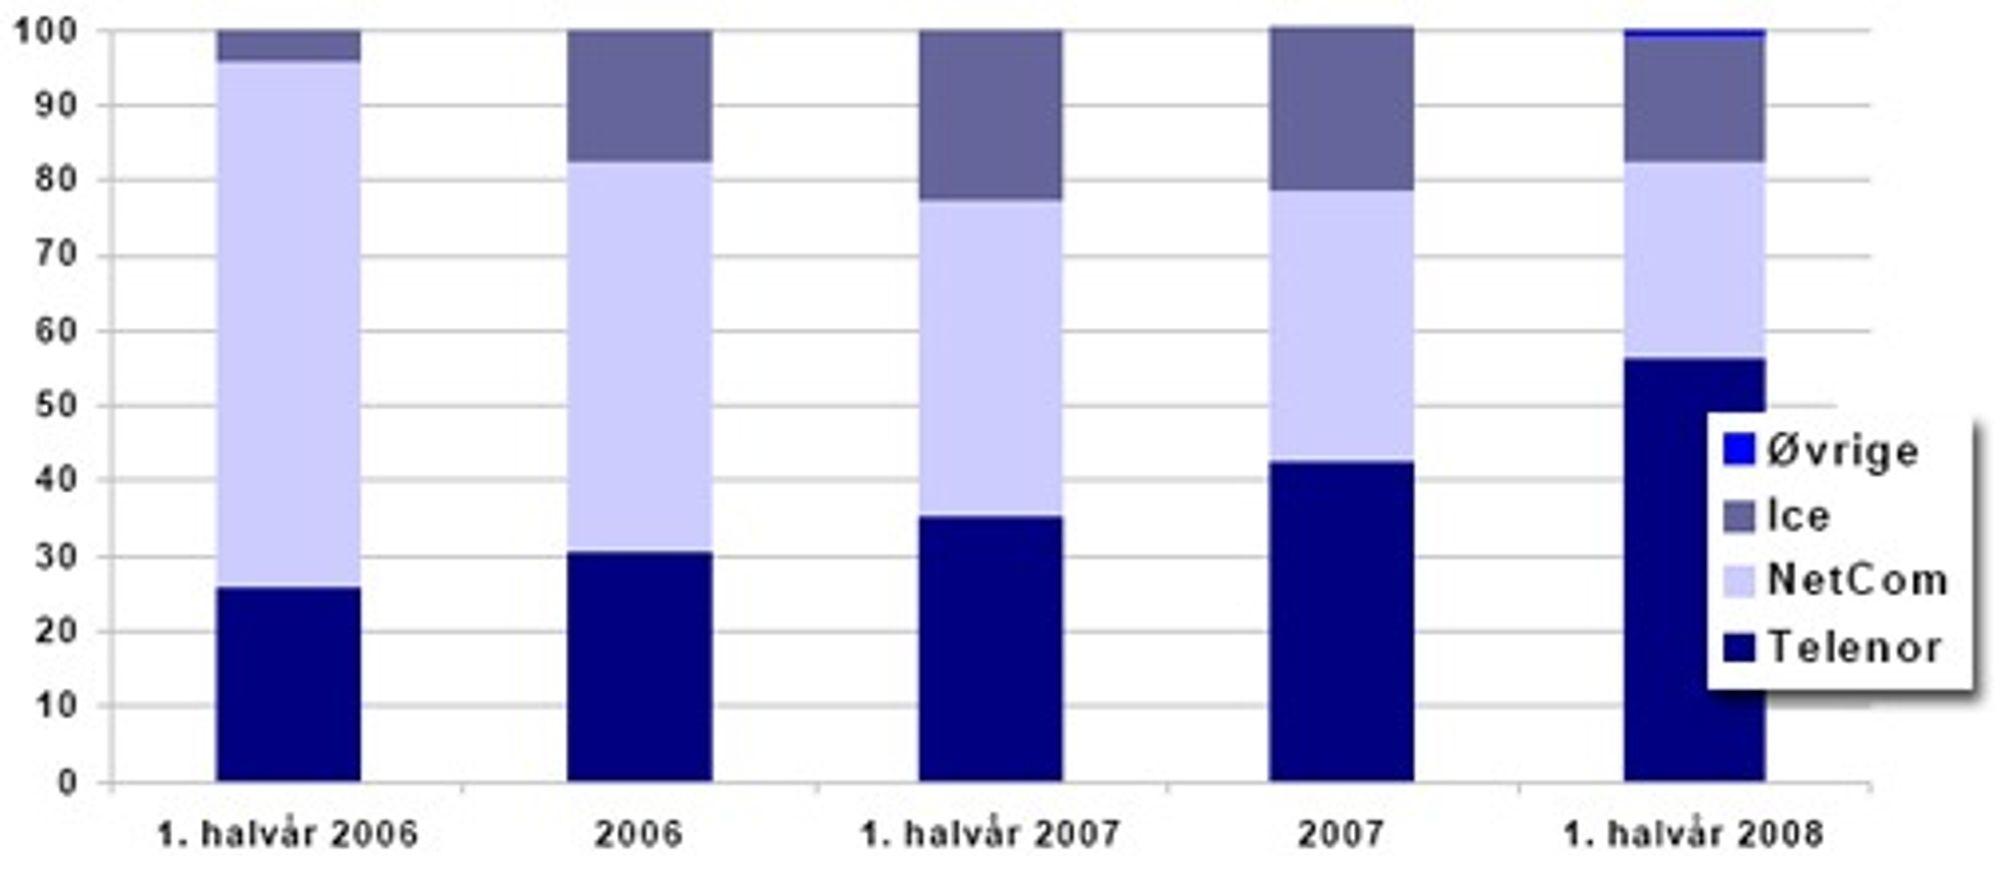 Markedet for mobilt bredbånd målt etter antall abonnement. (Kilde: Det norske ekommarkedet 1. halvår 2008)